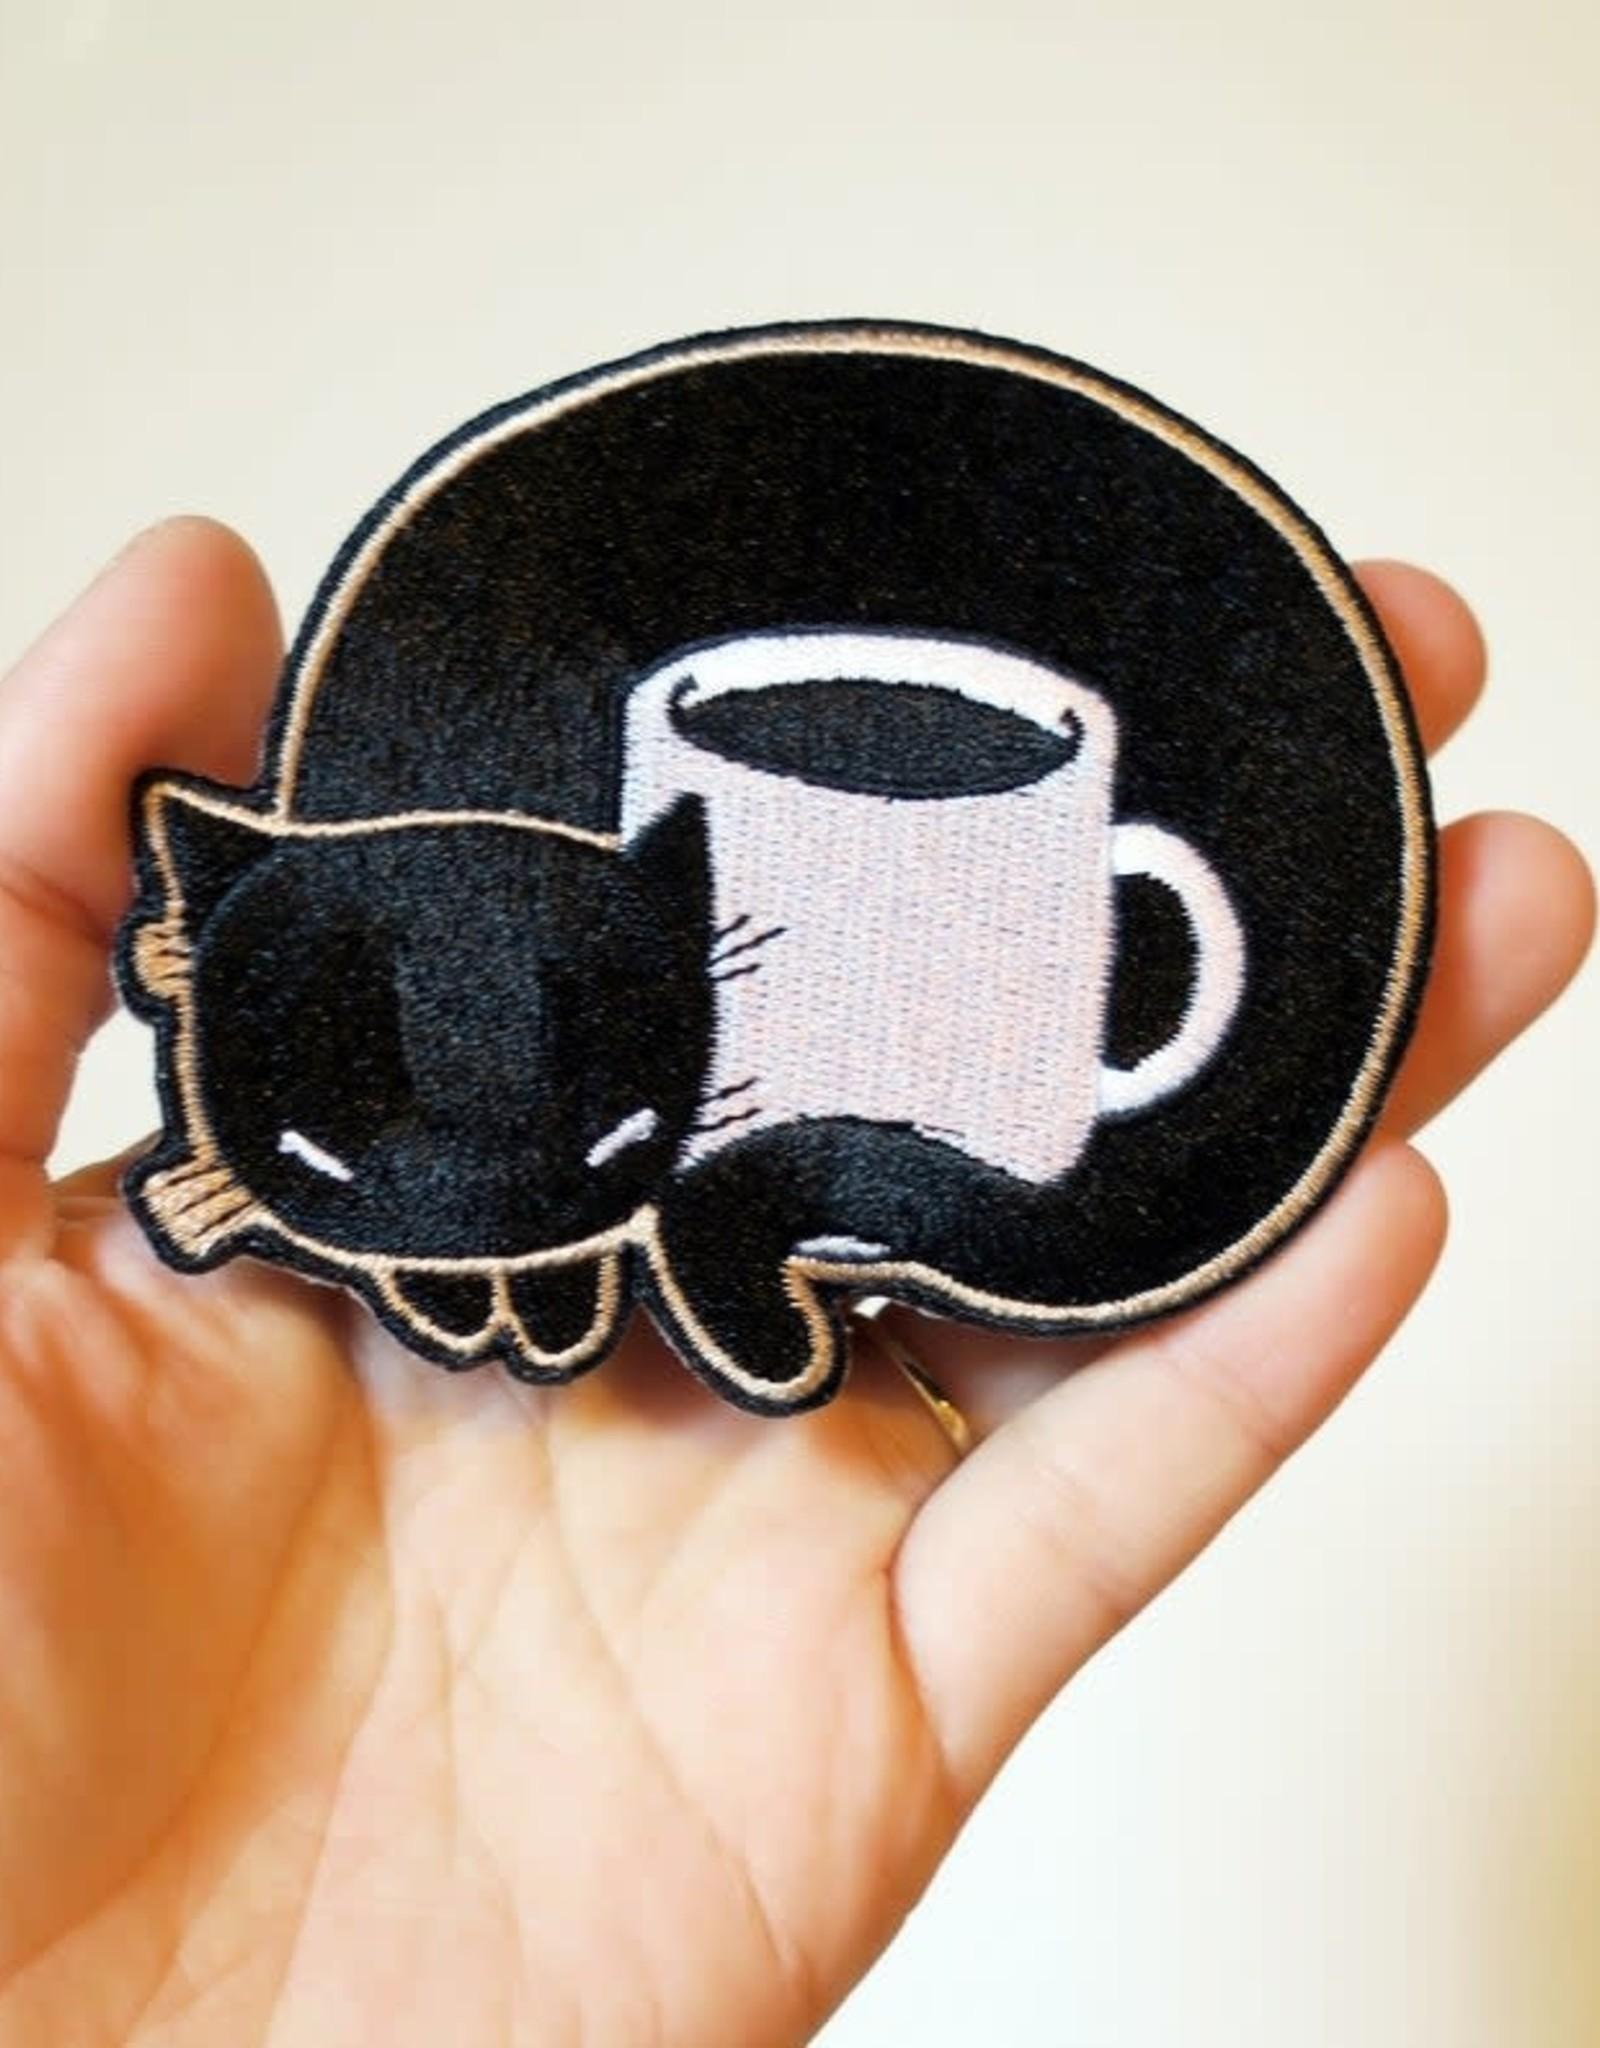 Stasia Burrington Black Coffee Cat Iron on Patch by Stasia Burrington